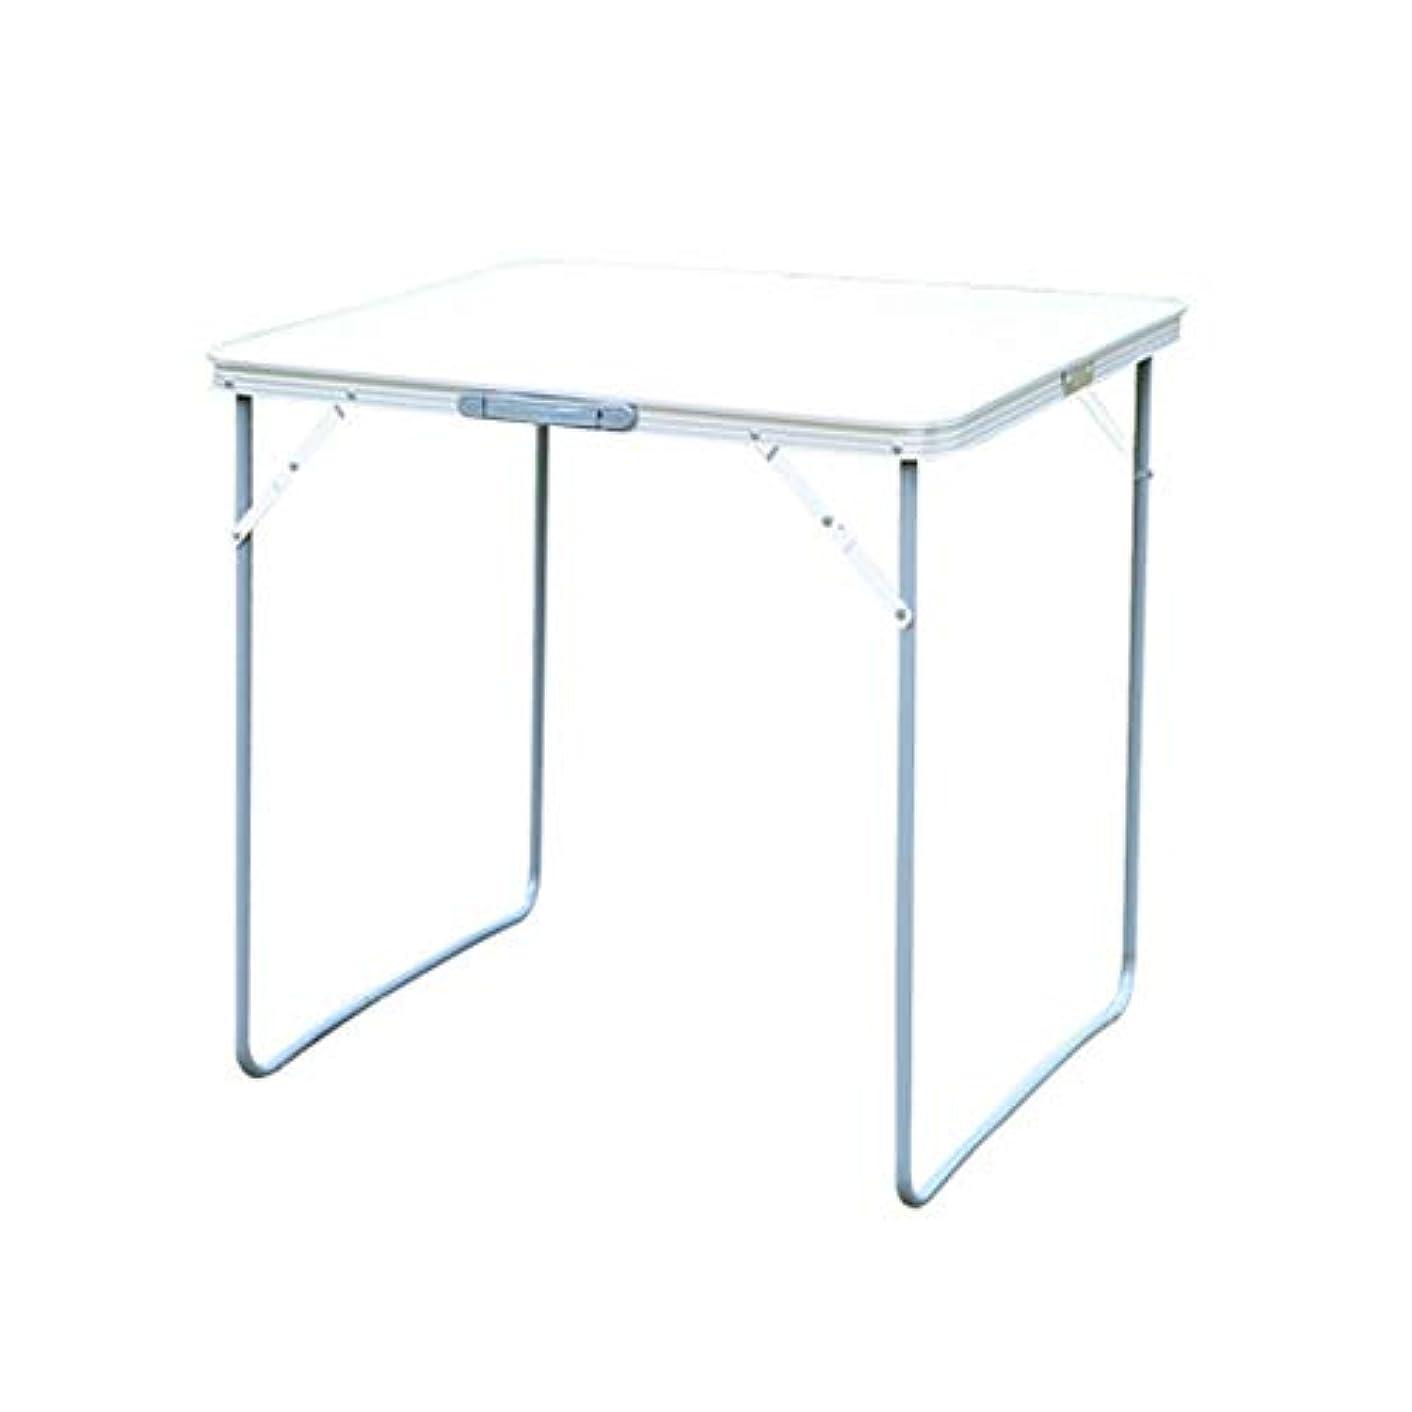 グラマーカンガルーかなりのポータブルアルミ折りたたみ式テーブル、多用途、小型、超軽量、持ち運びが簡単、屋外、ピクニック、バーベキュー、料理、休日、ビーチ、家庭用